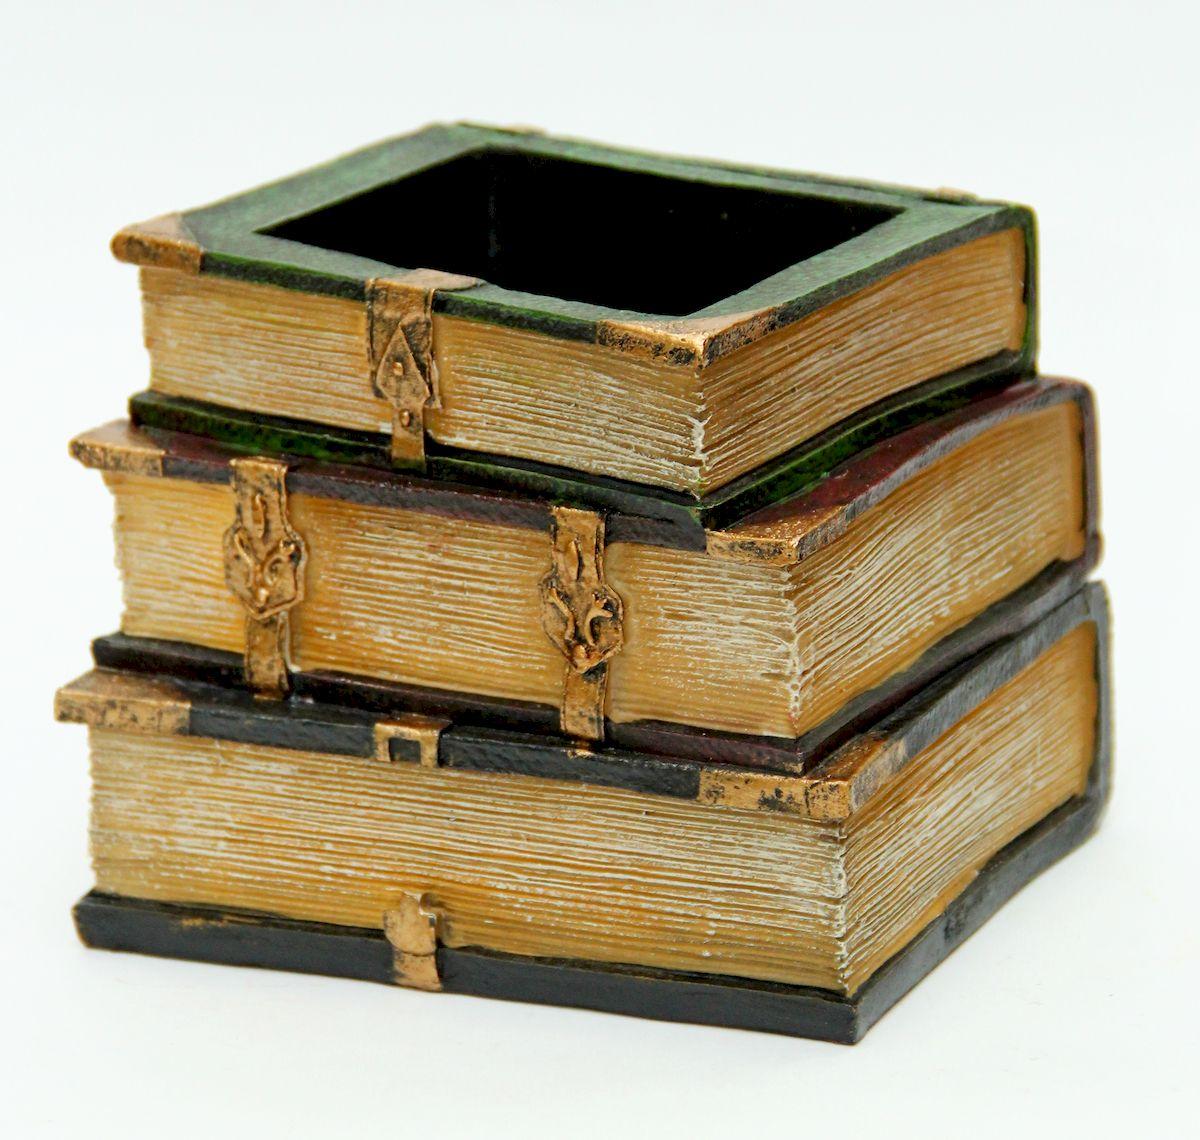 Декоративная подставка для канцелярских принадлежностей Magic Home Старые тома. 3613136131